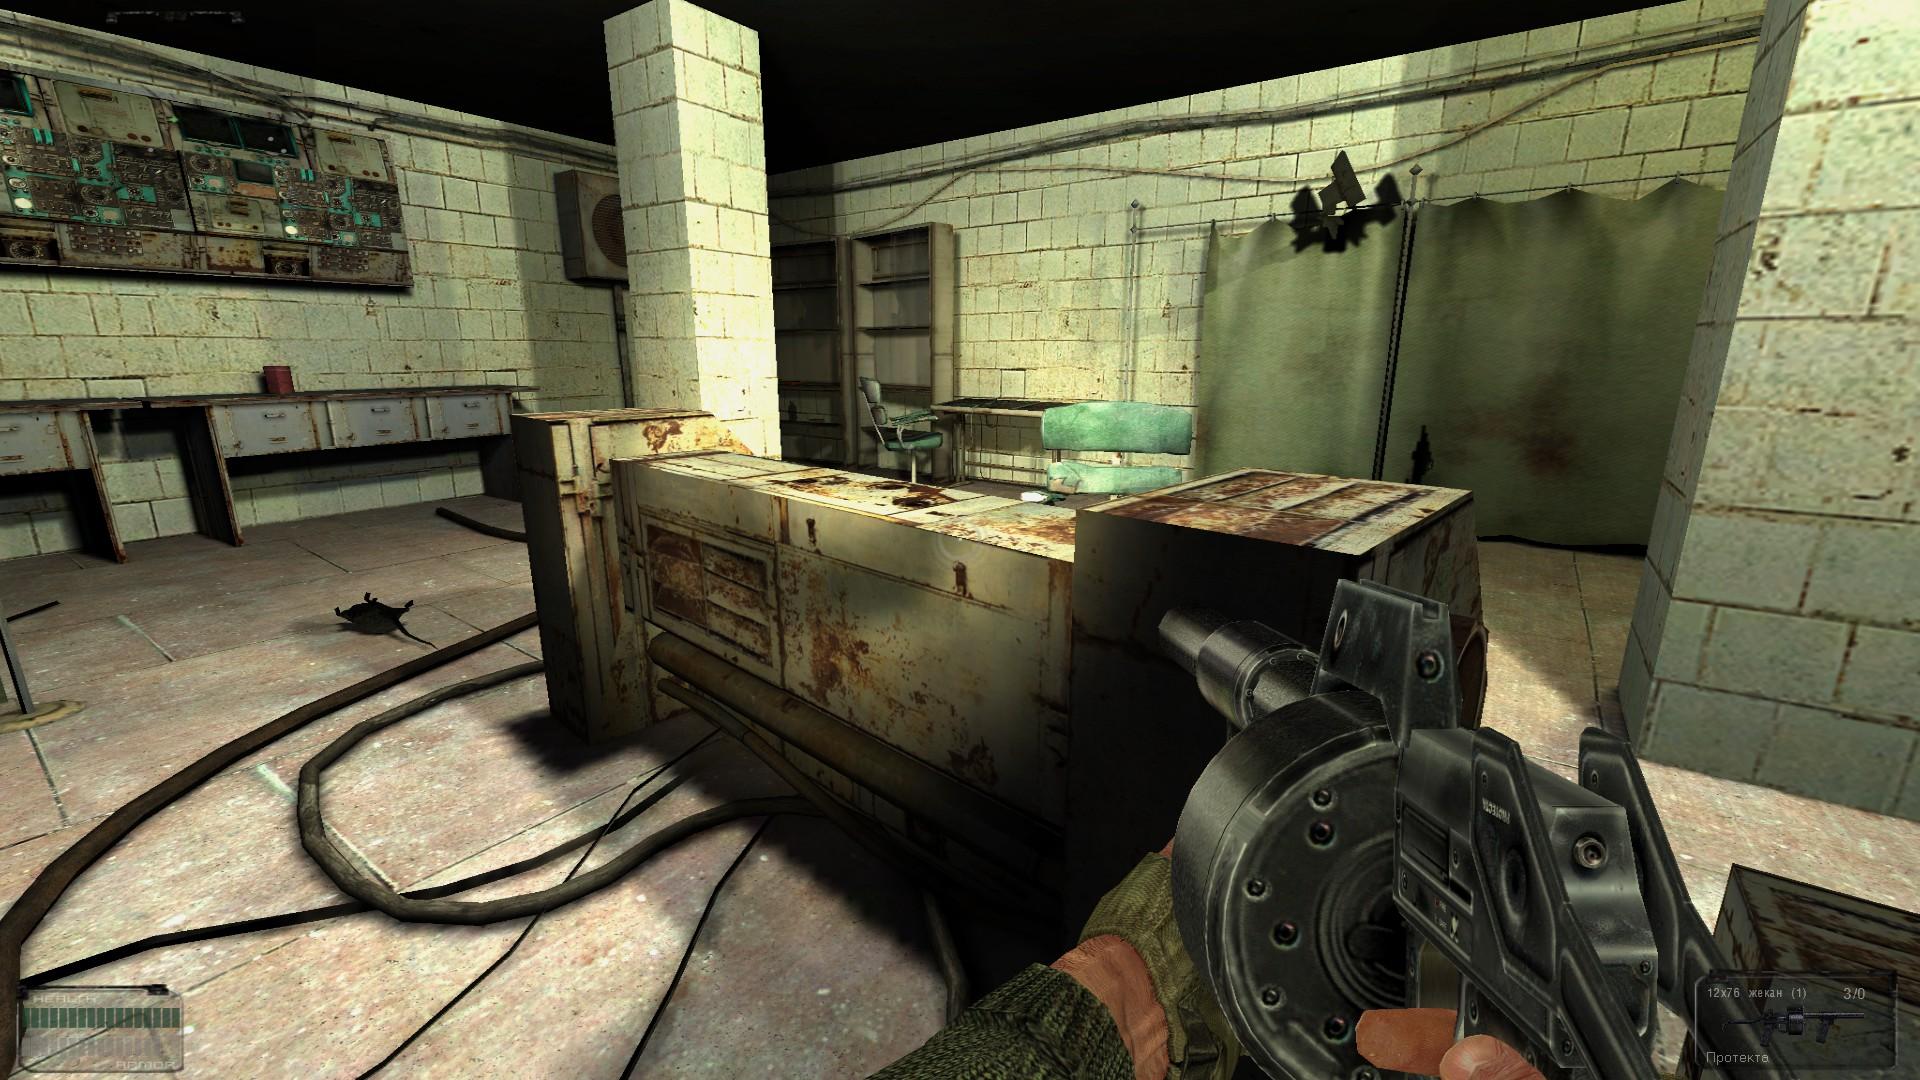 Oblivion Lost Remake 2.5 image 274